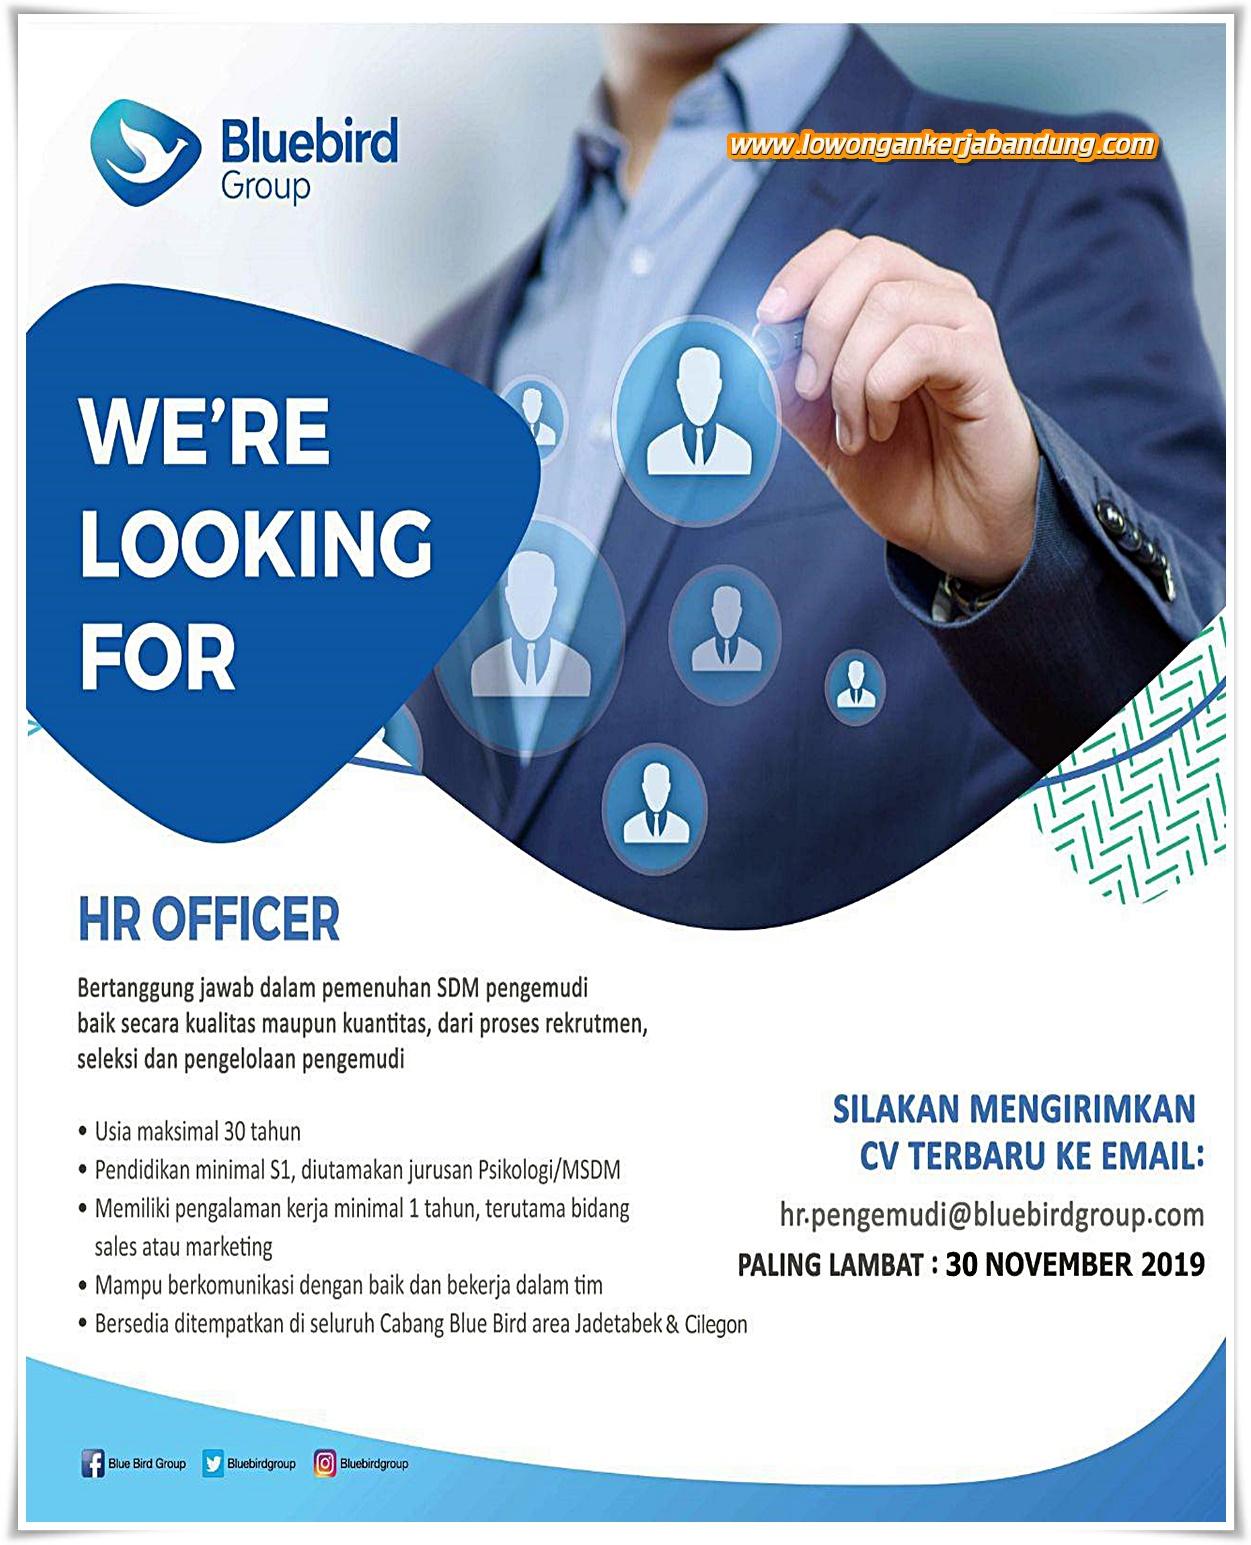 Lowongan Kerja Bandung Karyawan HR Officer Bluebird Group ...